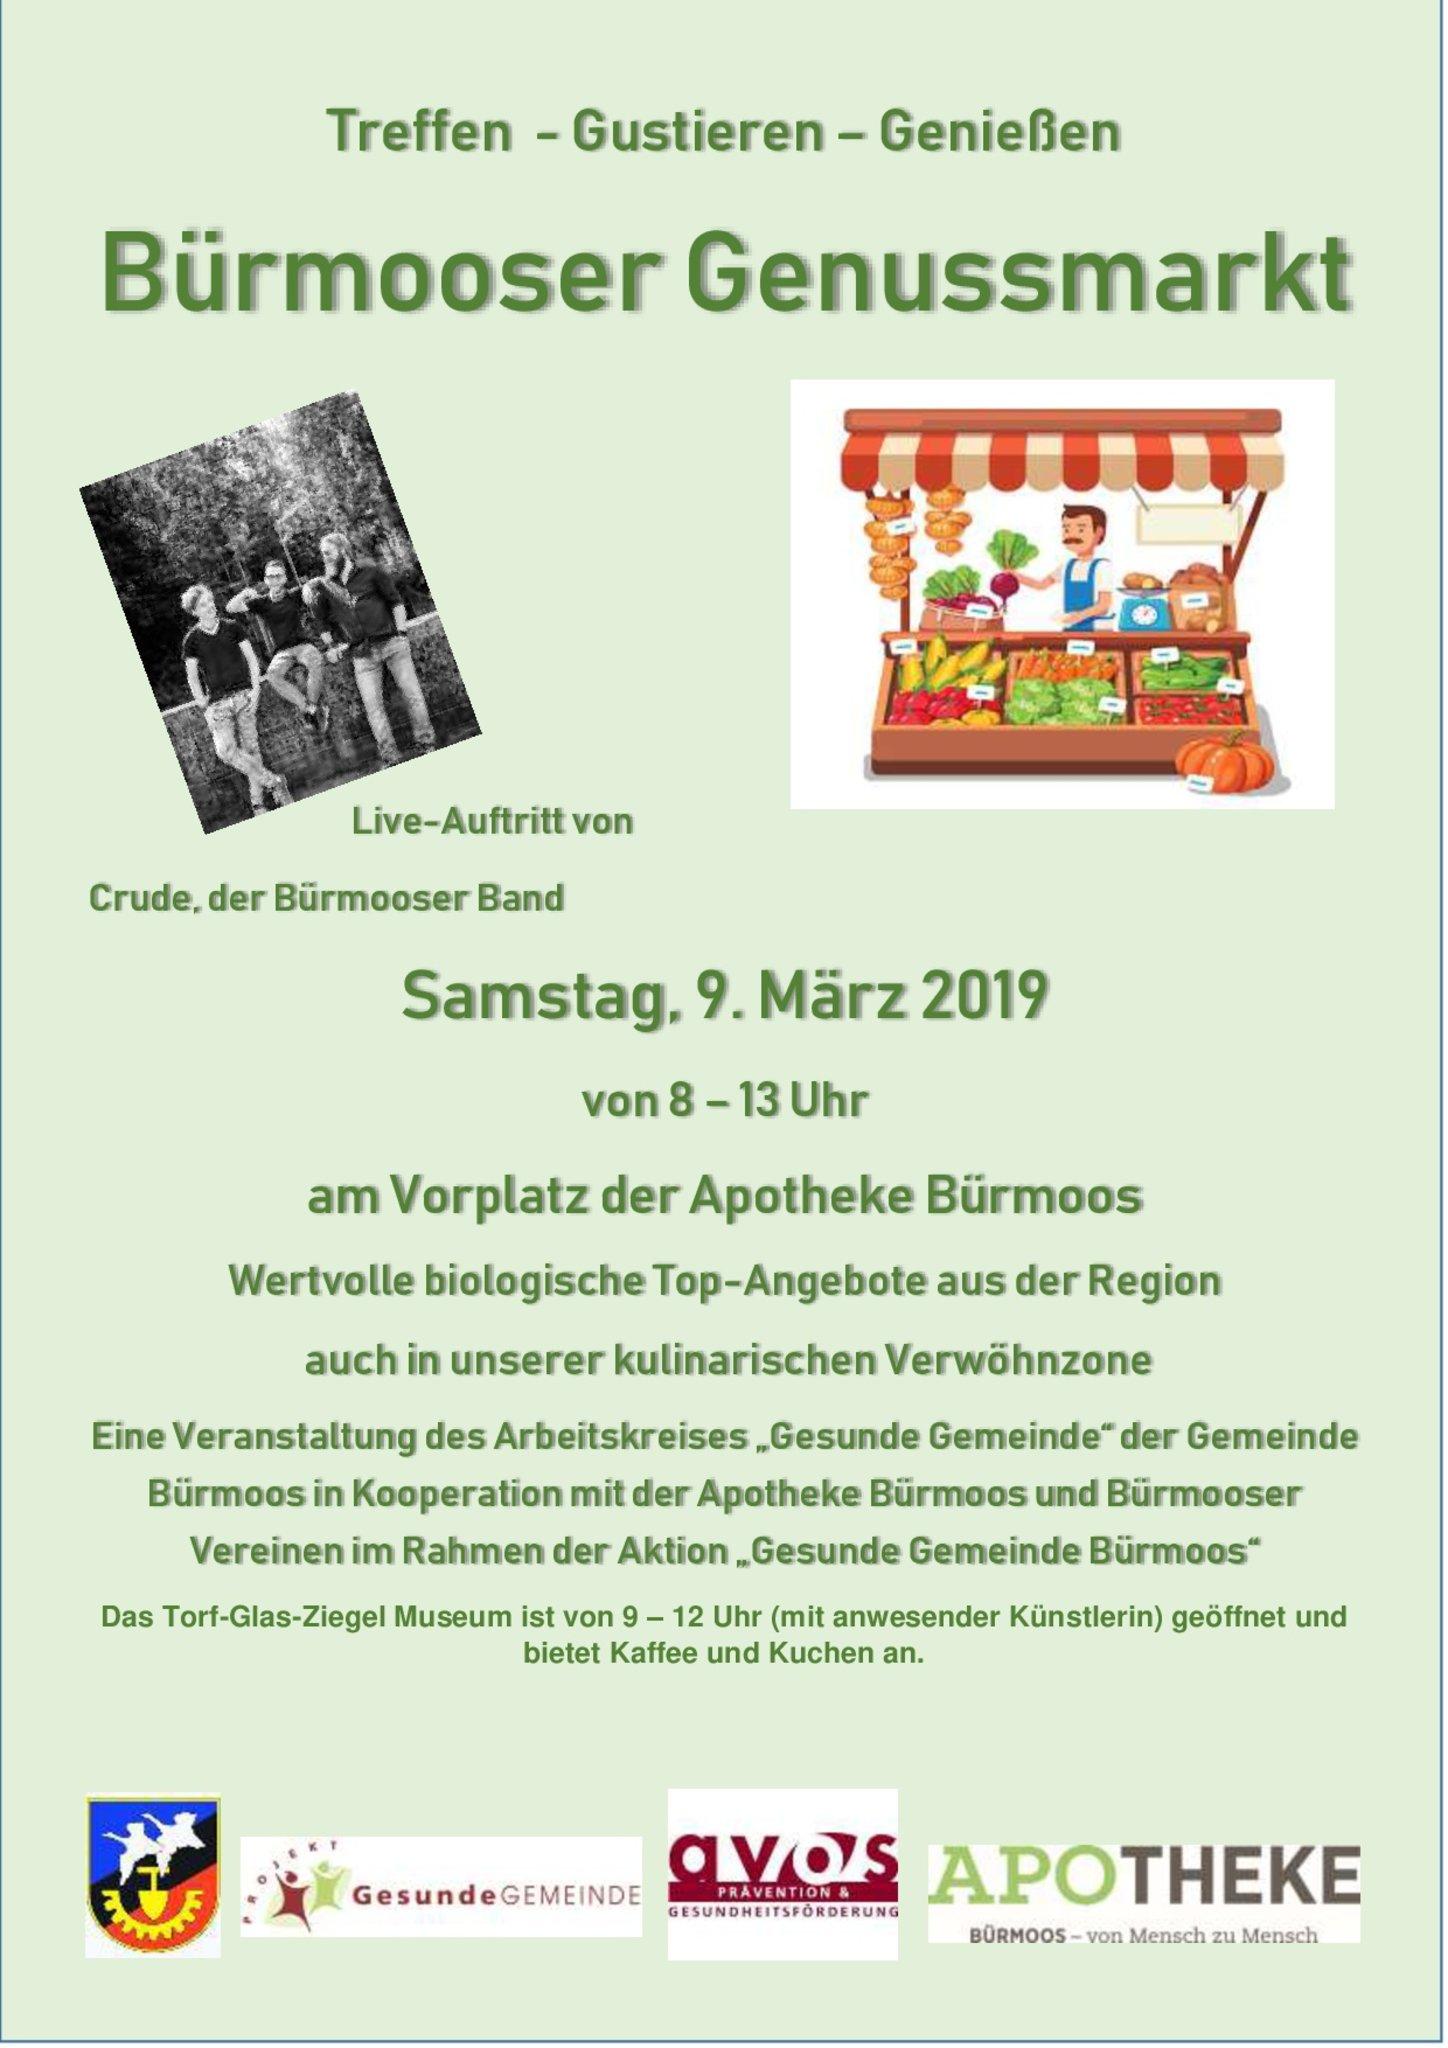 Integratives-Soziales-Aktives-Leben - Gemeinde Brmoos